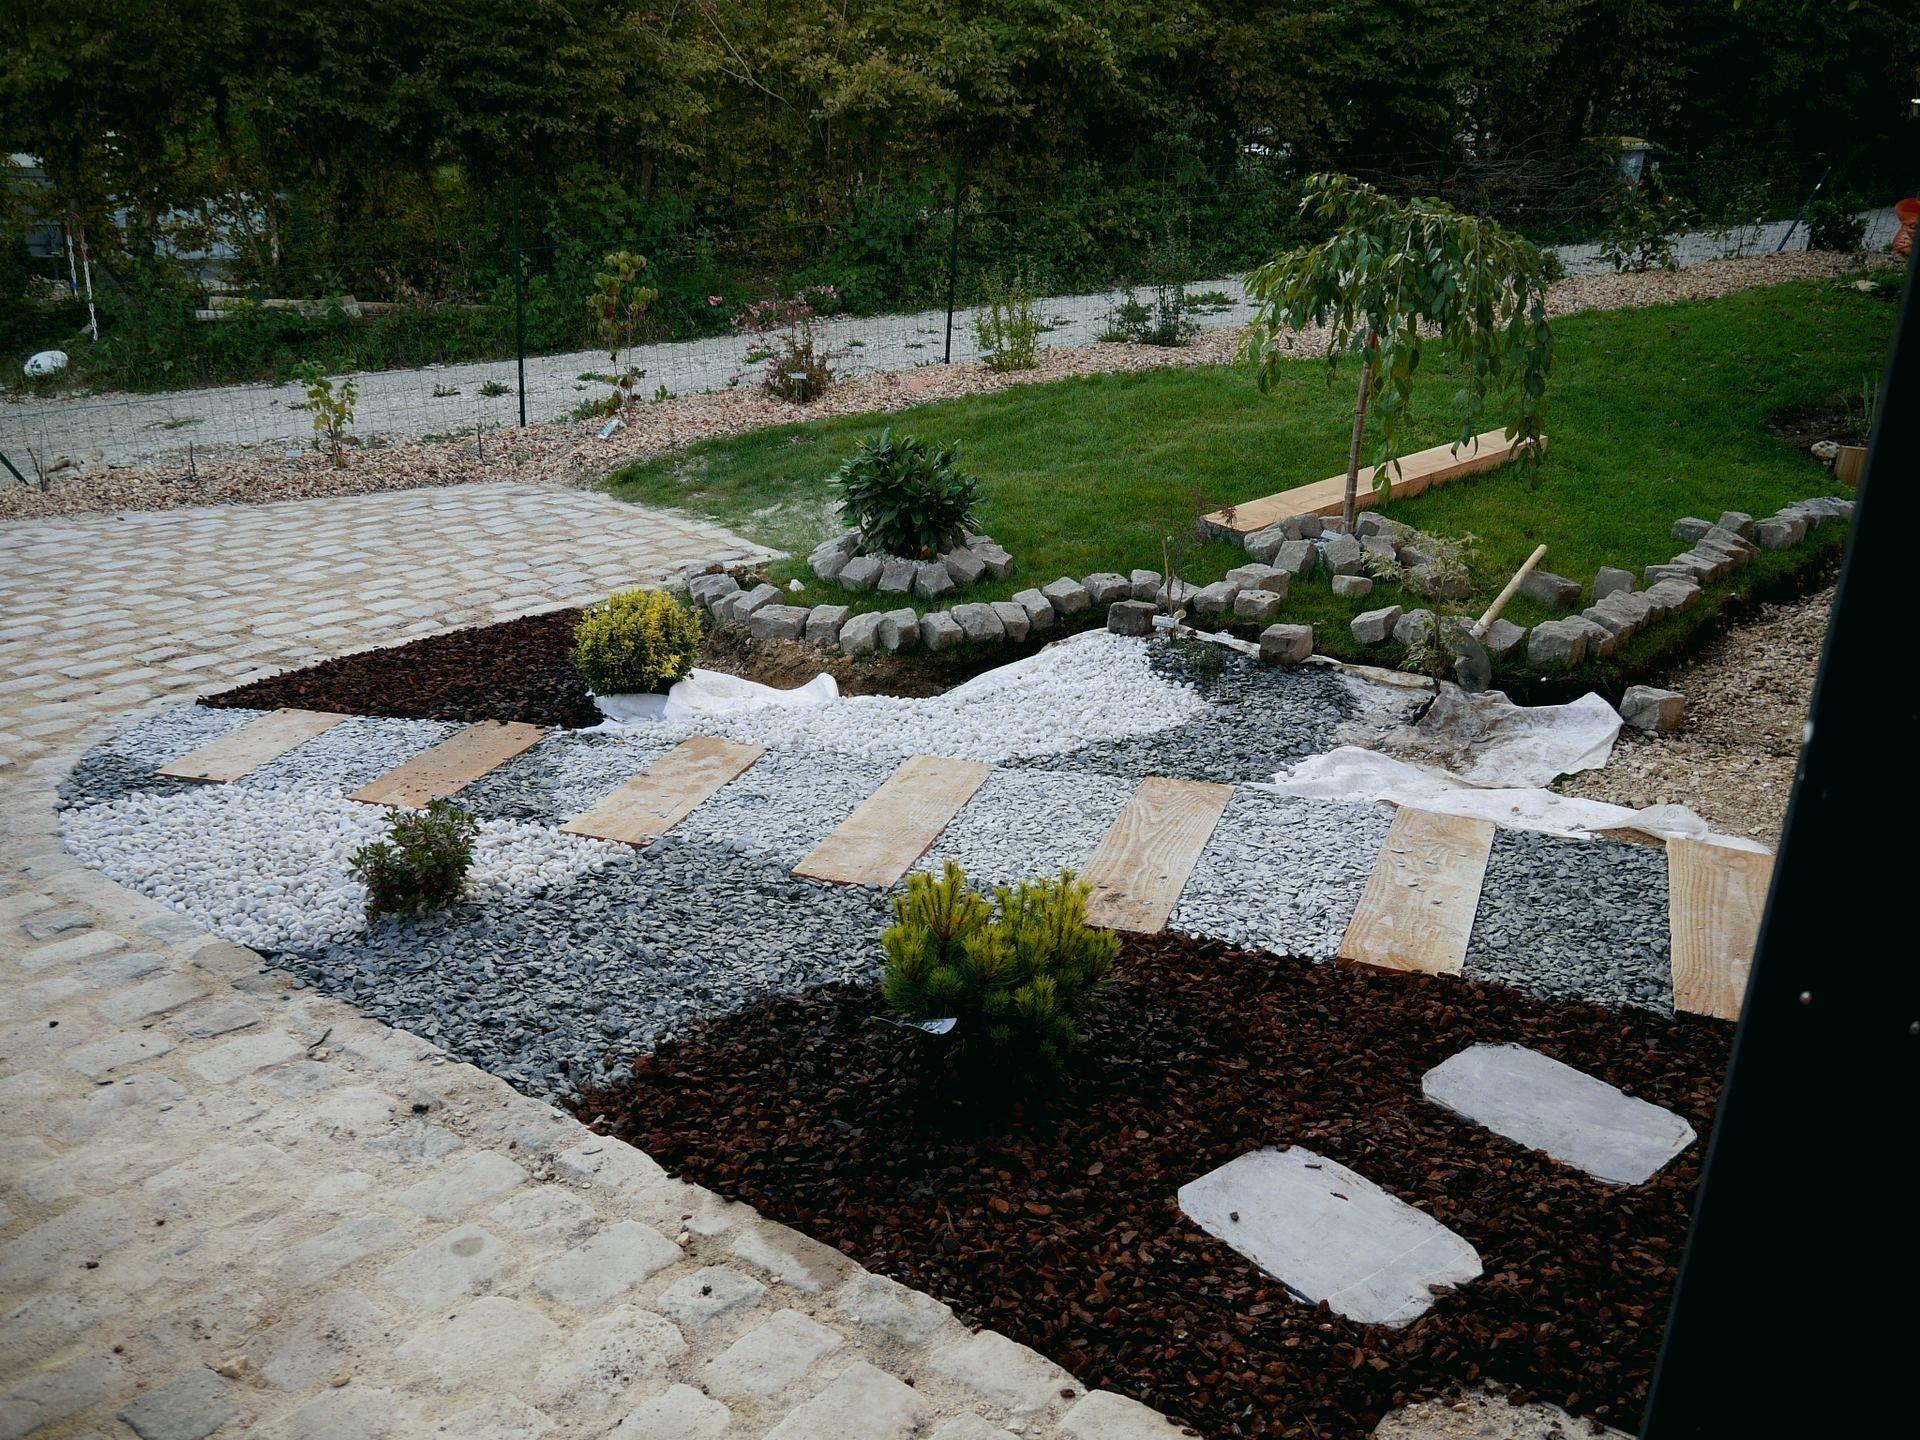 All E De Jardin Pas Cher Design De Maison Bordure Alle ... concernant Dalle De Jardin Pas Cher